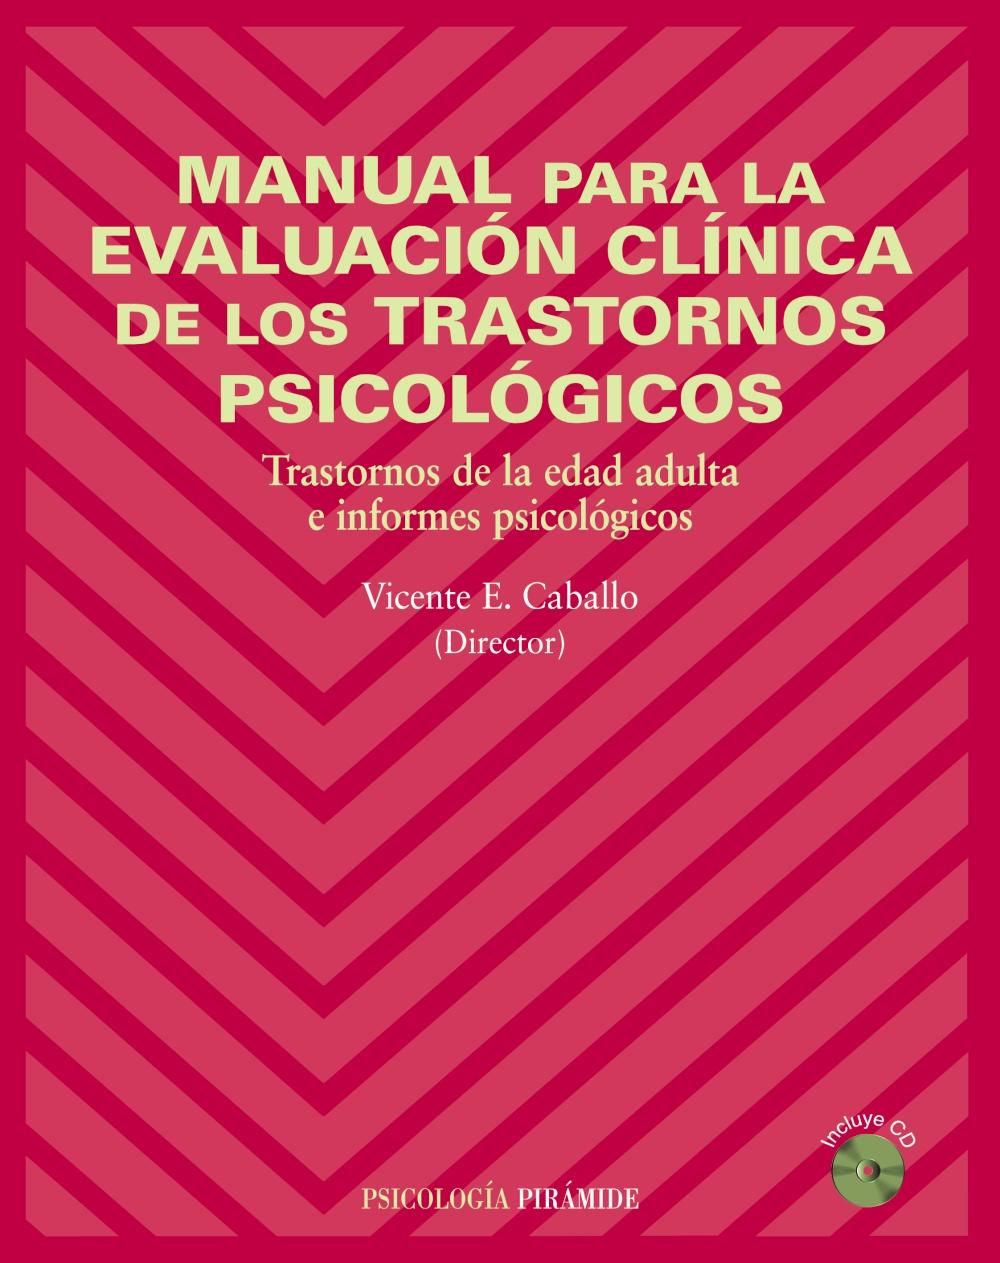 Manual Para La Evaluacion Clinica De Los Trastornos Psicologicos: Trastornos De La Edad Adulta E Informes Psicologicos por Vicente E. Caballo Manrique